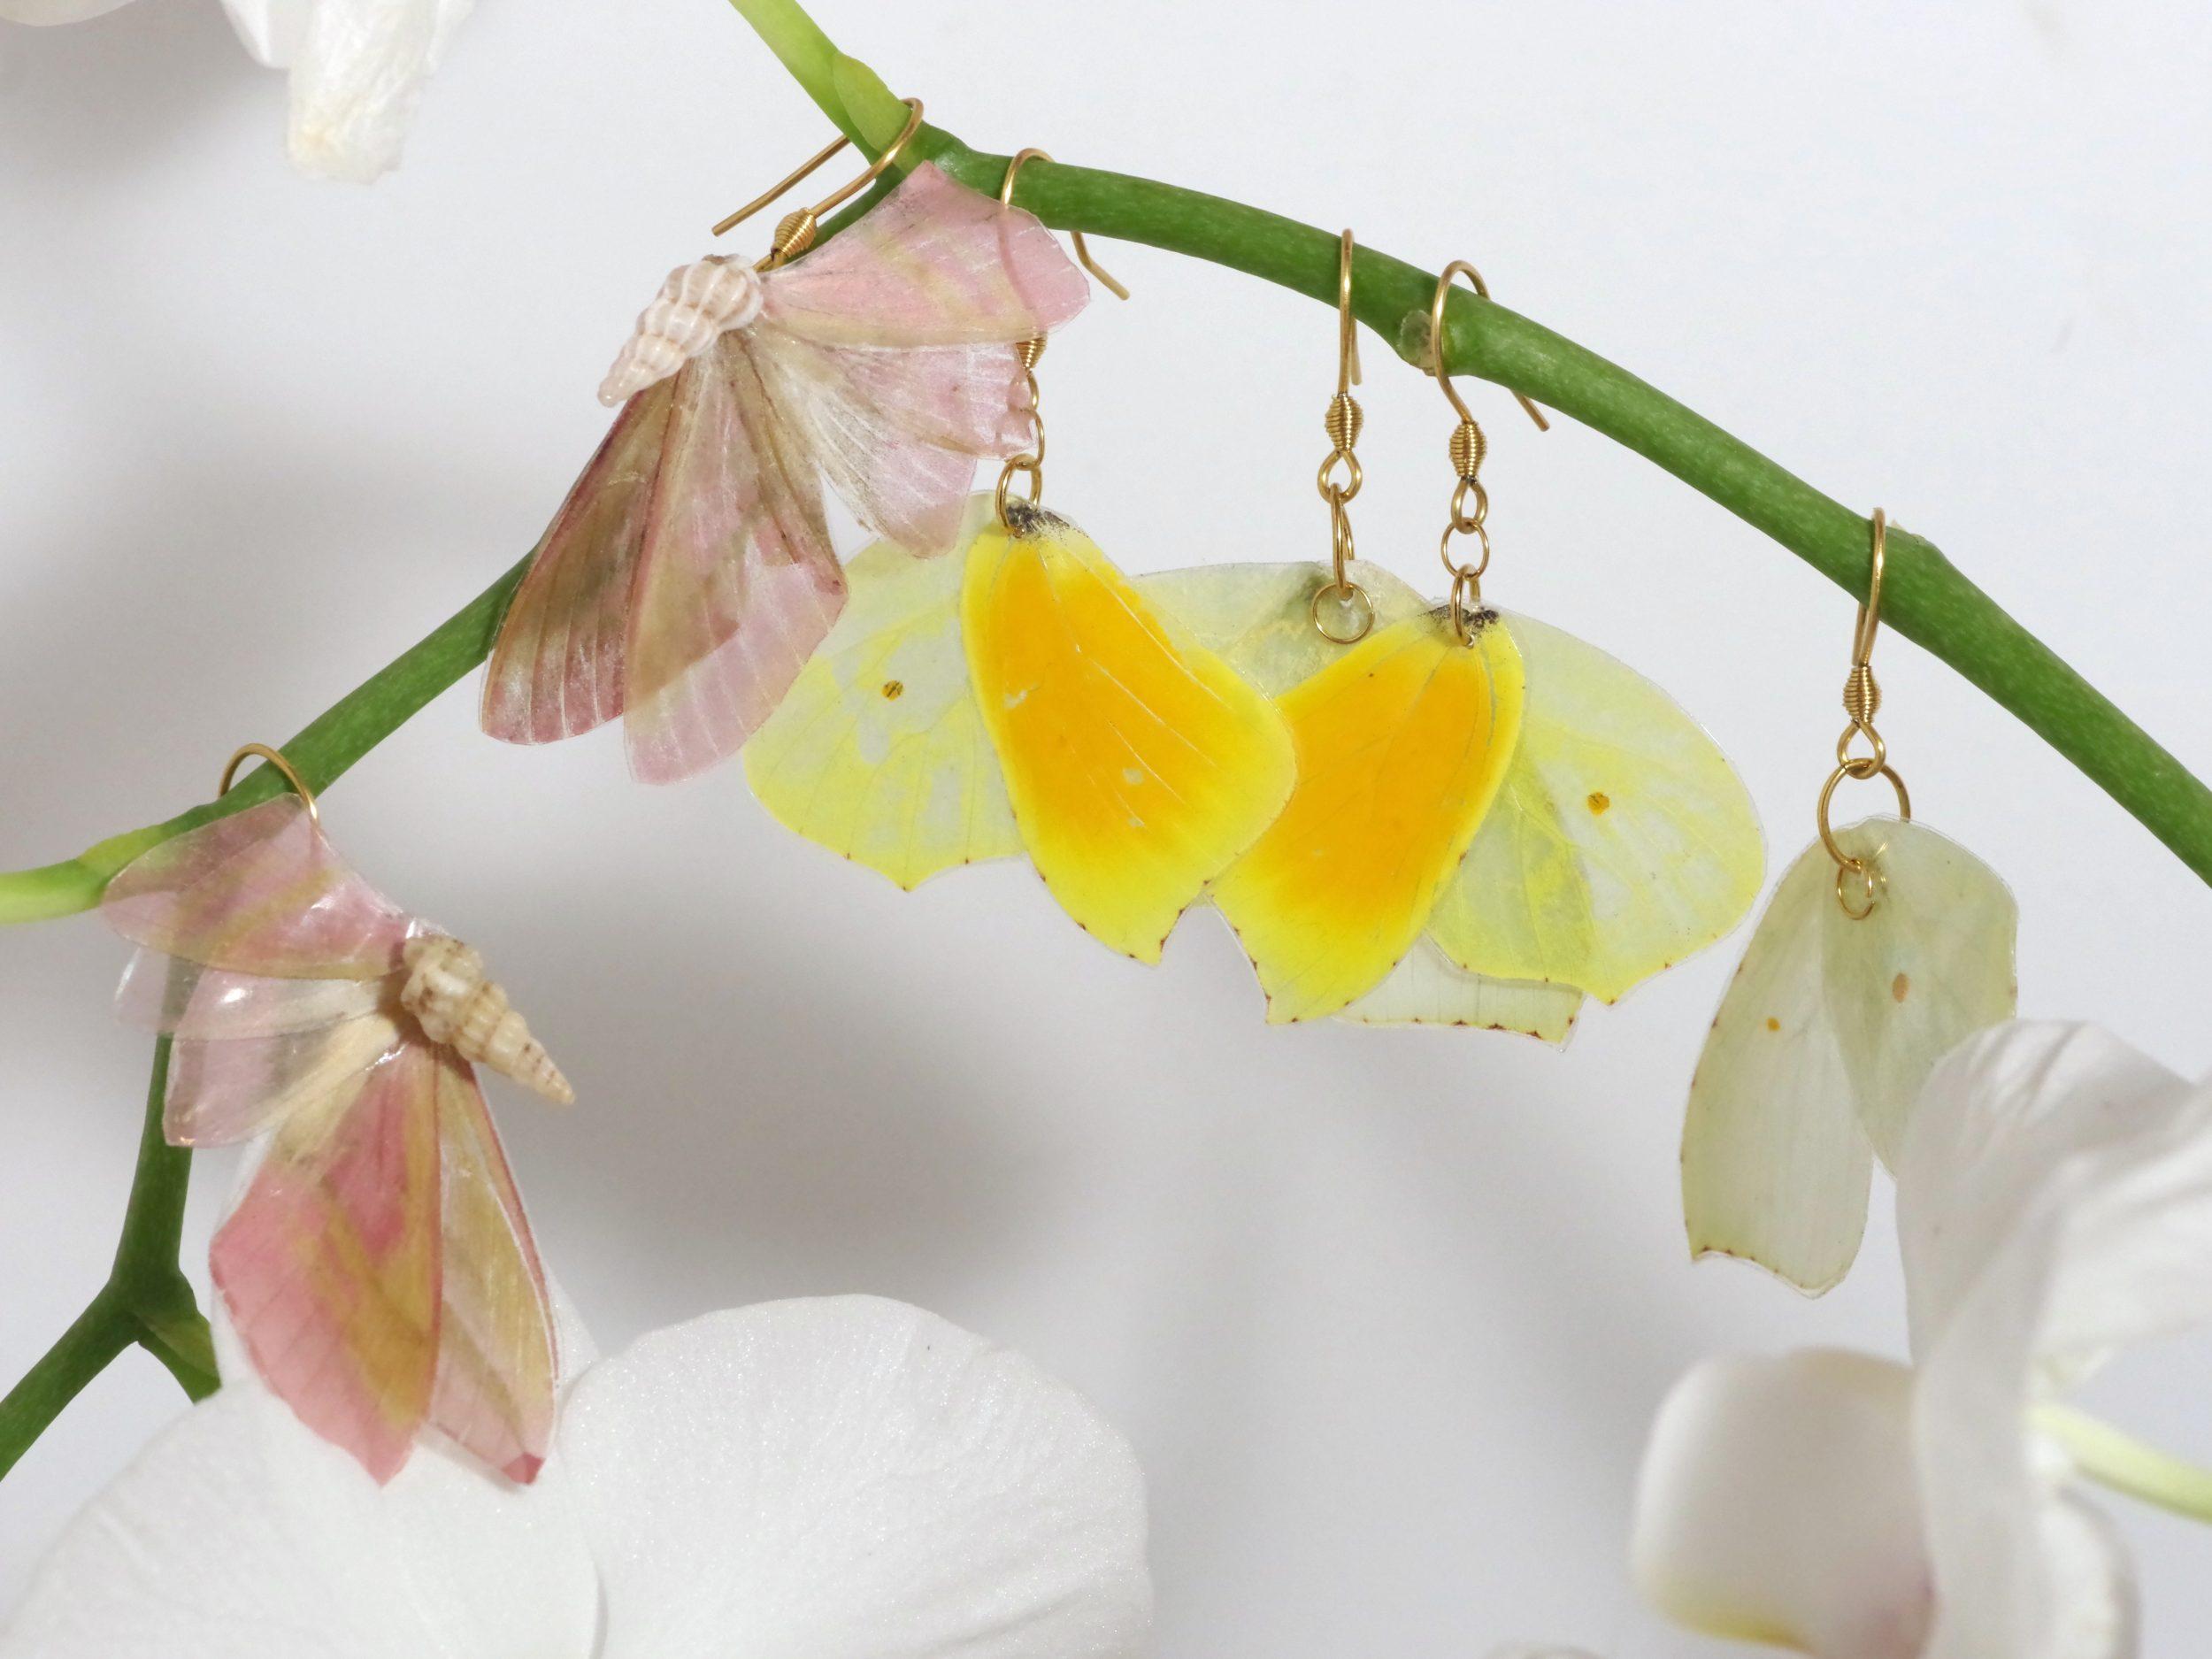 """plusieurs paires de boucles d'oreilles réalisées avec des ailes de papillon. Chaque bijou est un """"demi-papillon"""". Couleurs rose, jaune pâle, orange vif."""